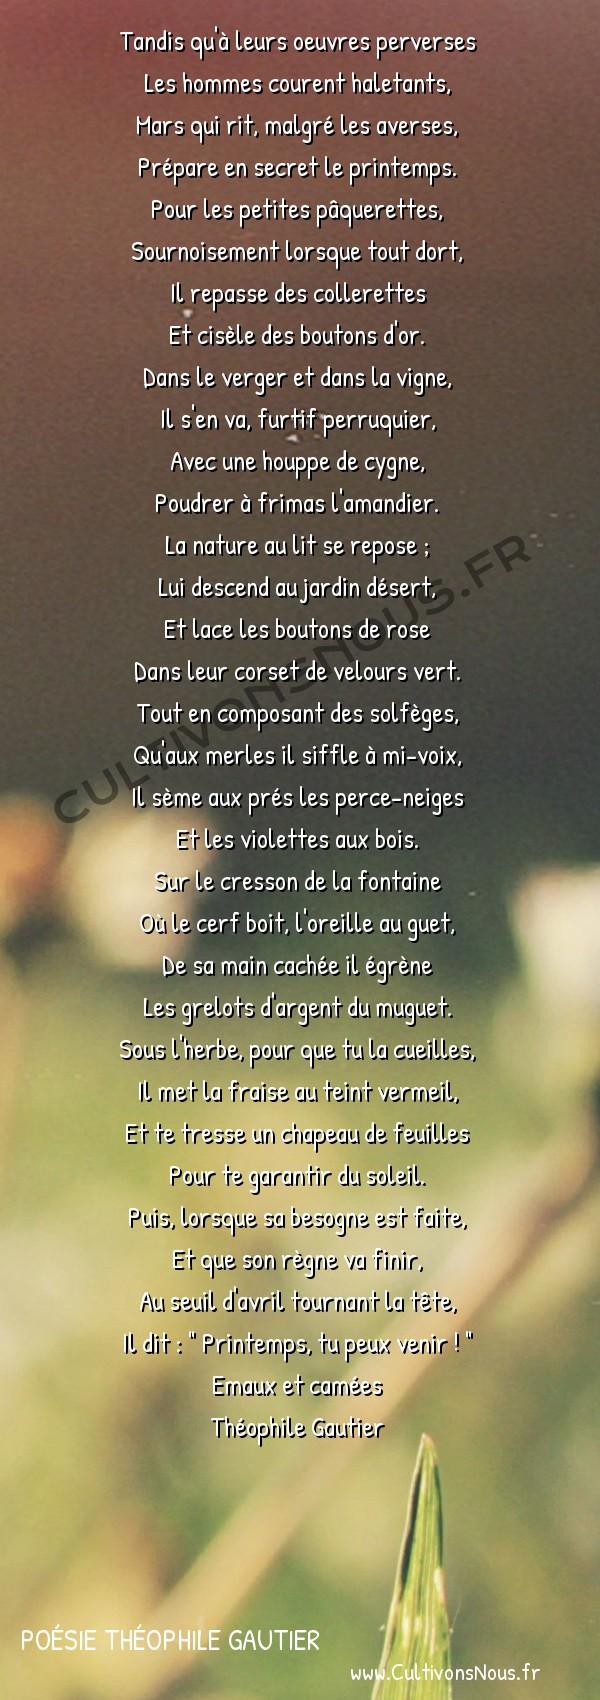 Poésie Théophile Gautier - Emaux et camées - Premier sourire du printemps -  Tandis qu'à leurs oeuvres perverses Les hommes courent haletants,